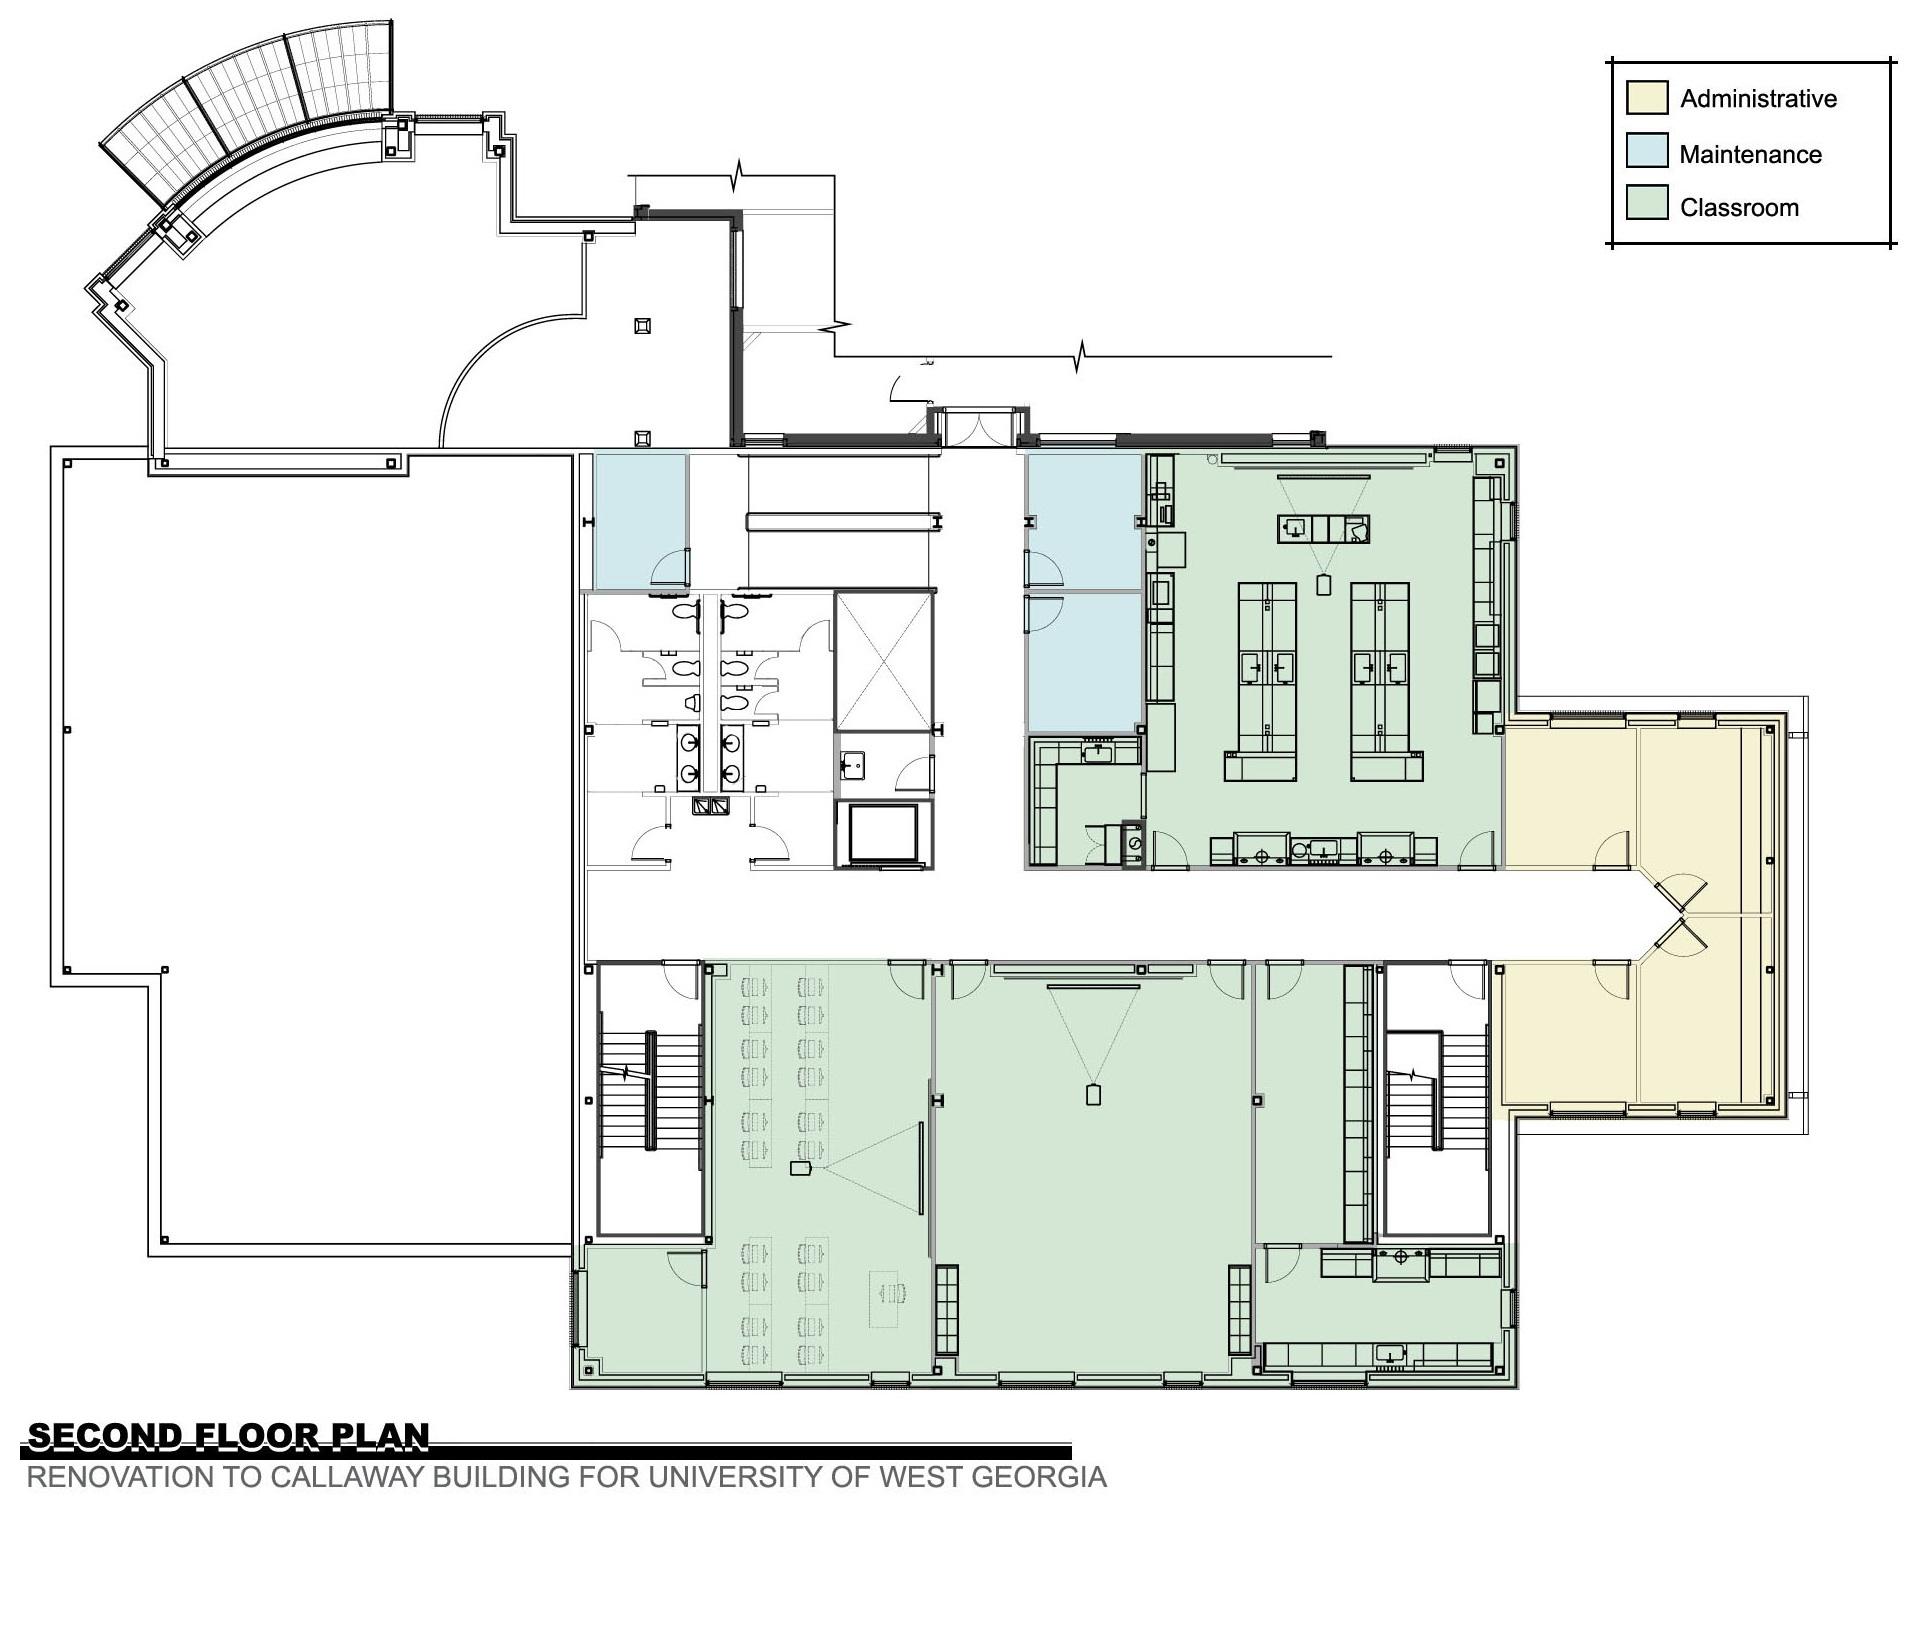 Callaway - Second Floor Model (1) copy.jpg